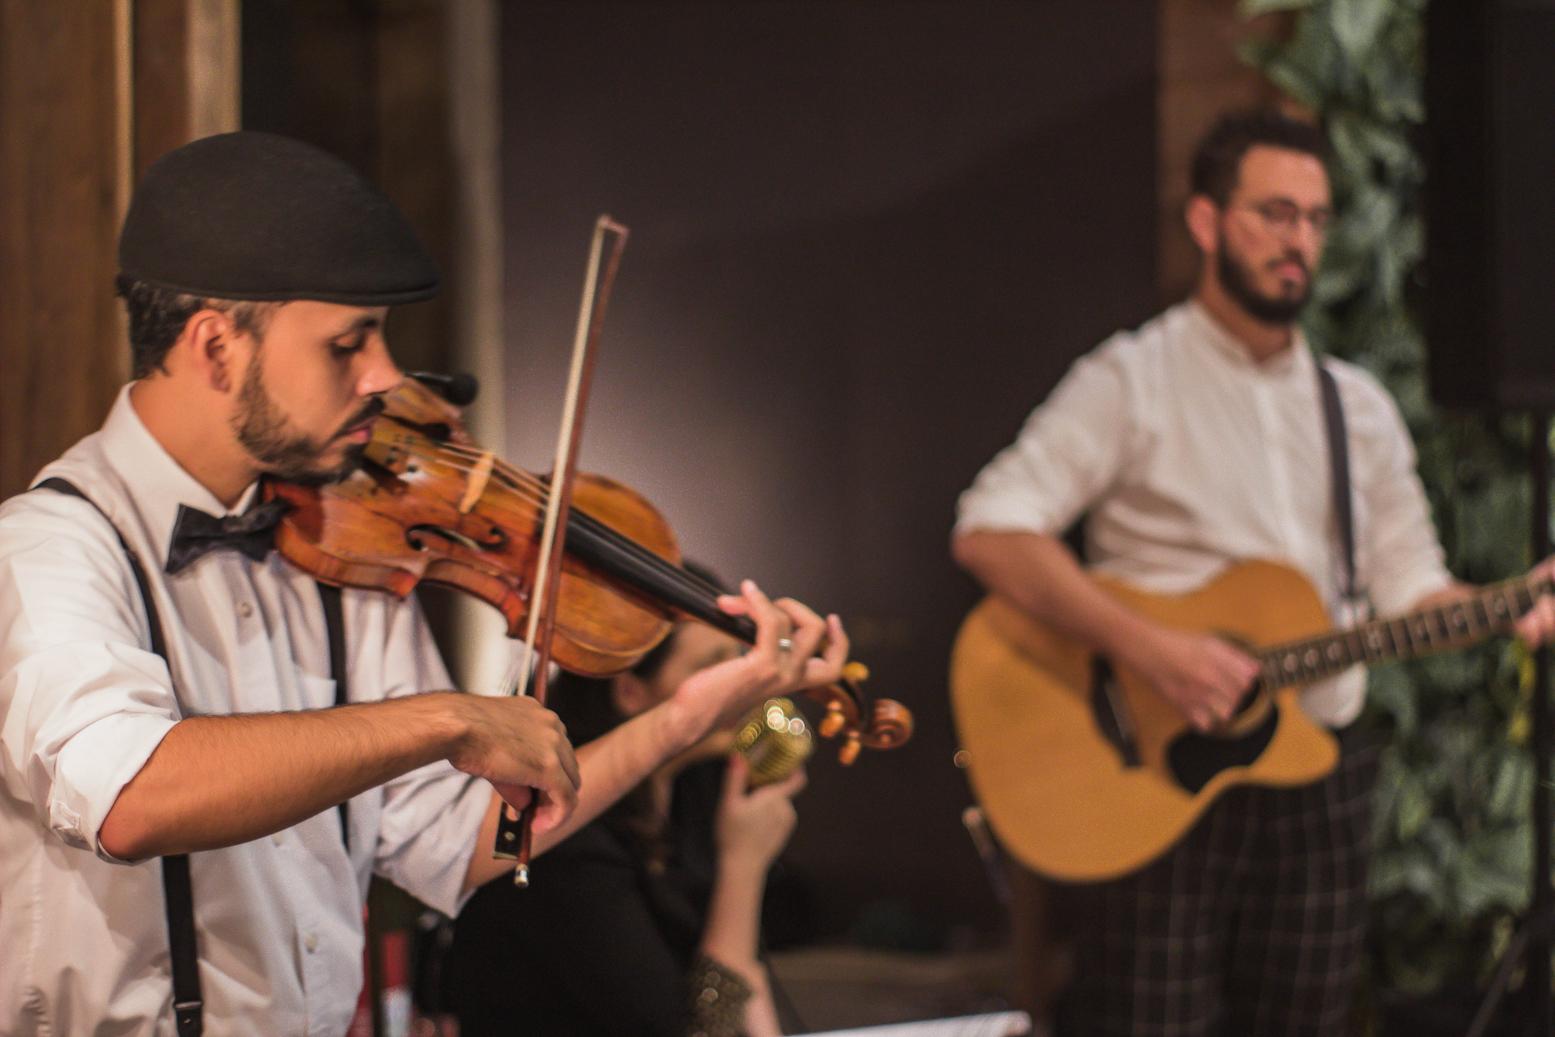 Casamento Nathalia e Rafael Voz Violão e Violino 01